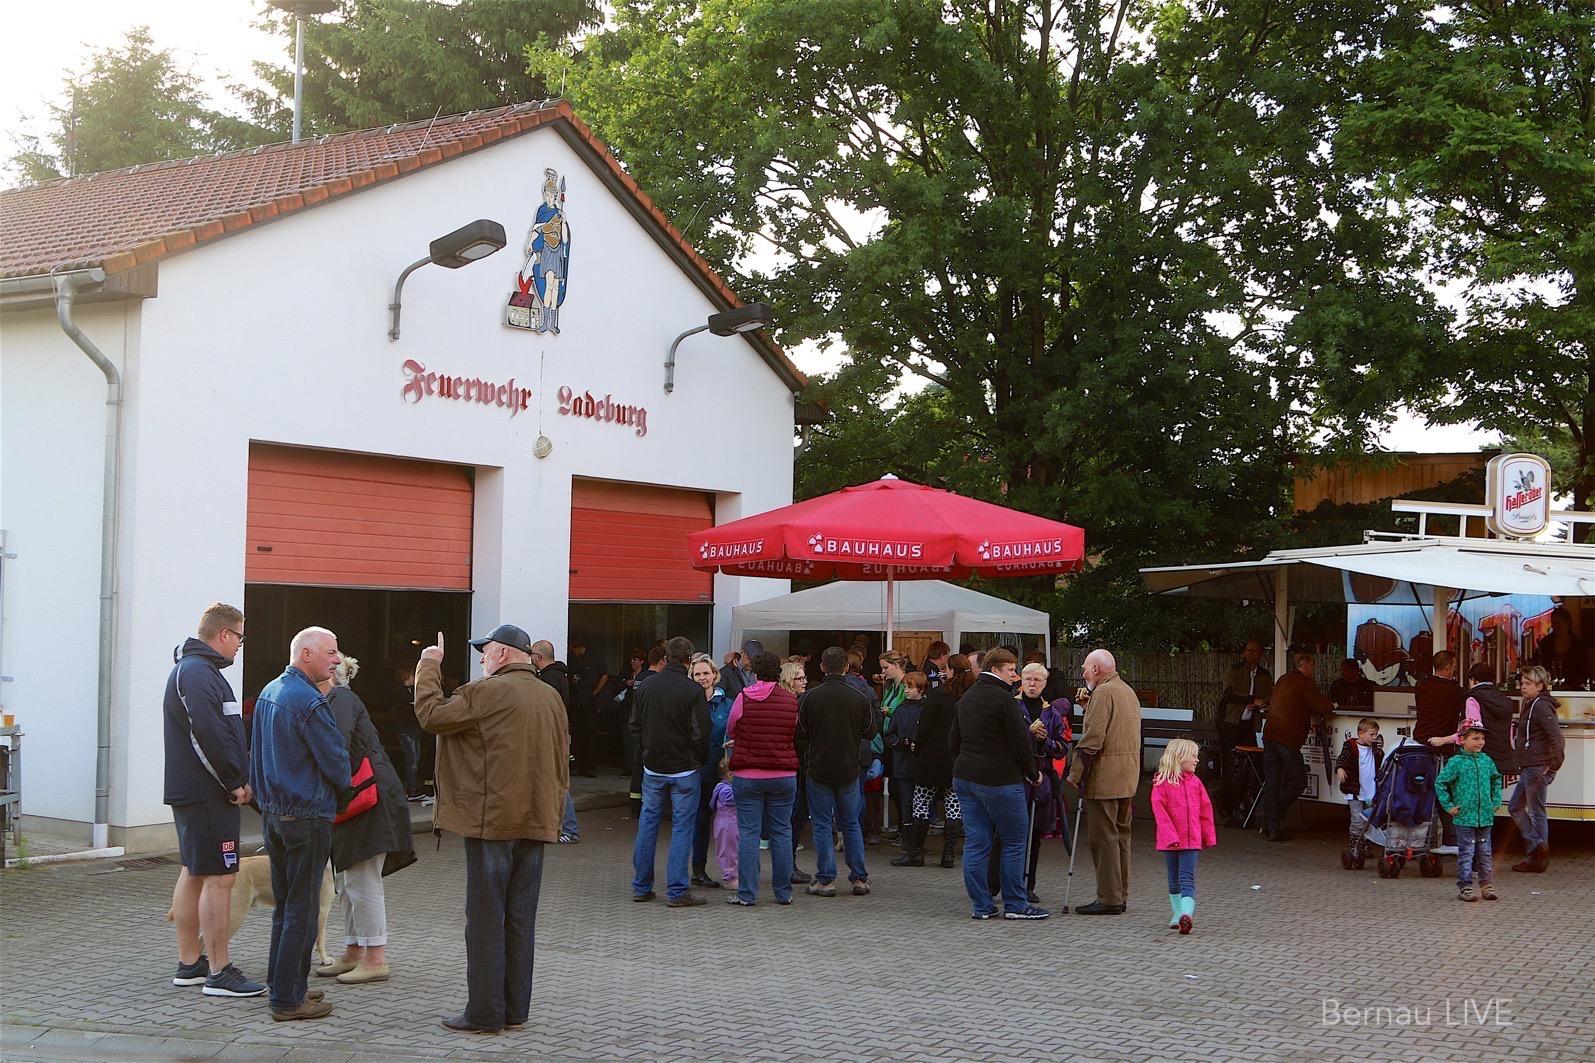 Bernau: Mittsommerfest in Ladeburg